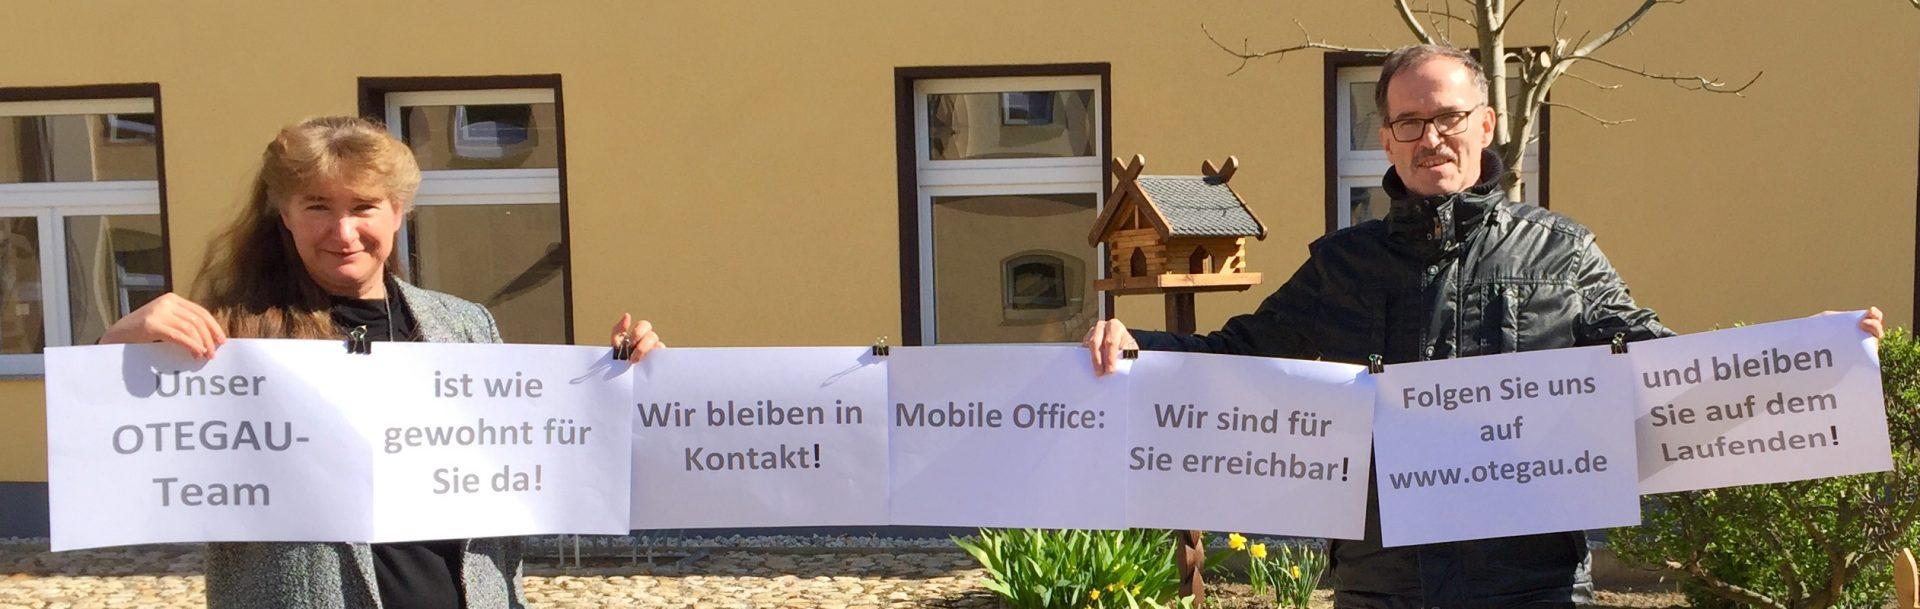 """Das Bild zeigt die Geschäftsführerin Suzanne Vöcking mit Prokurist Michael Breul mit einem Spruchbanner auf welchem steht: """"Unser OTEGAU Team ist wie gewohnt für Sie da! Wr bleiben in Kontakt! Mobile Office: Wir sind für Sie erreichbar! Folgen Sie uns auf www.otegau.de und bleiben auf dem Laufenden!"""